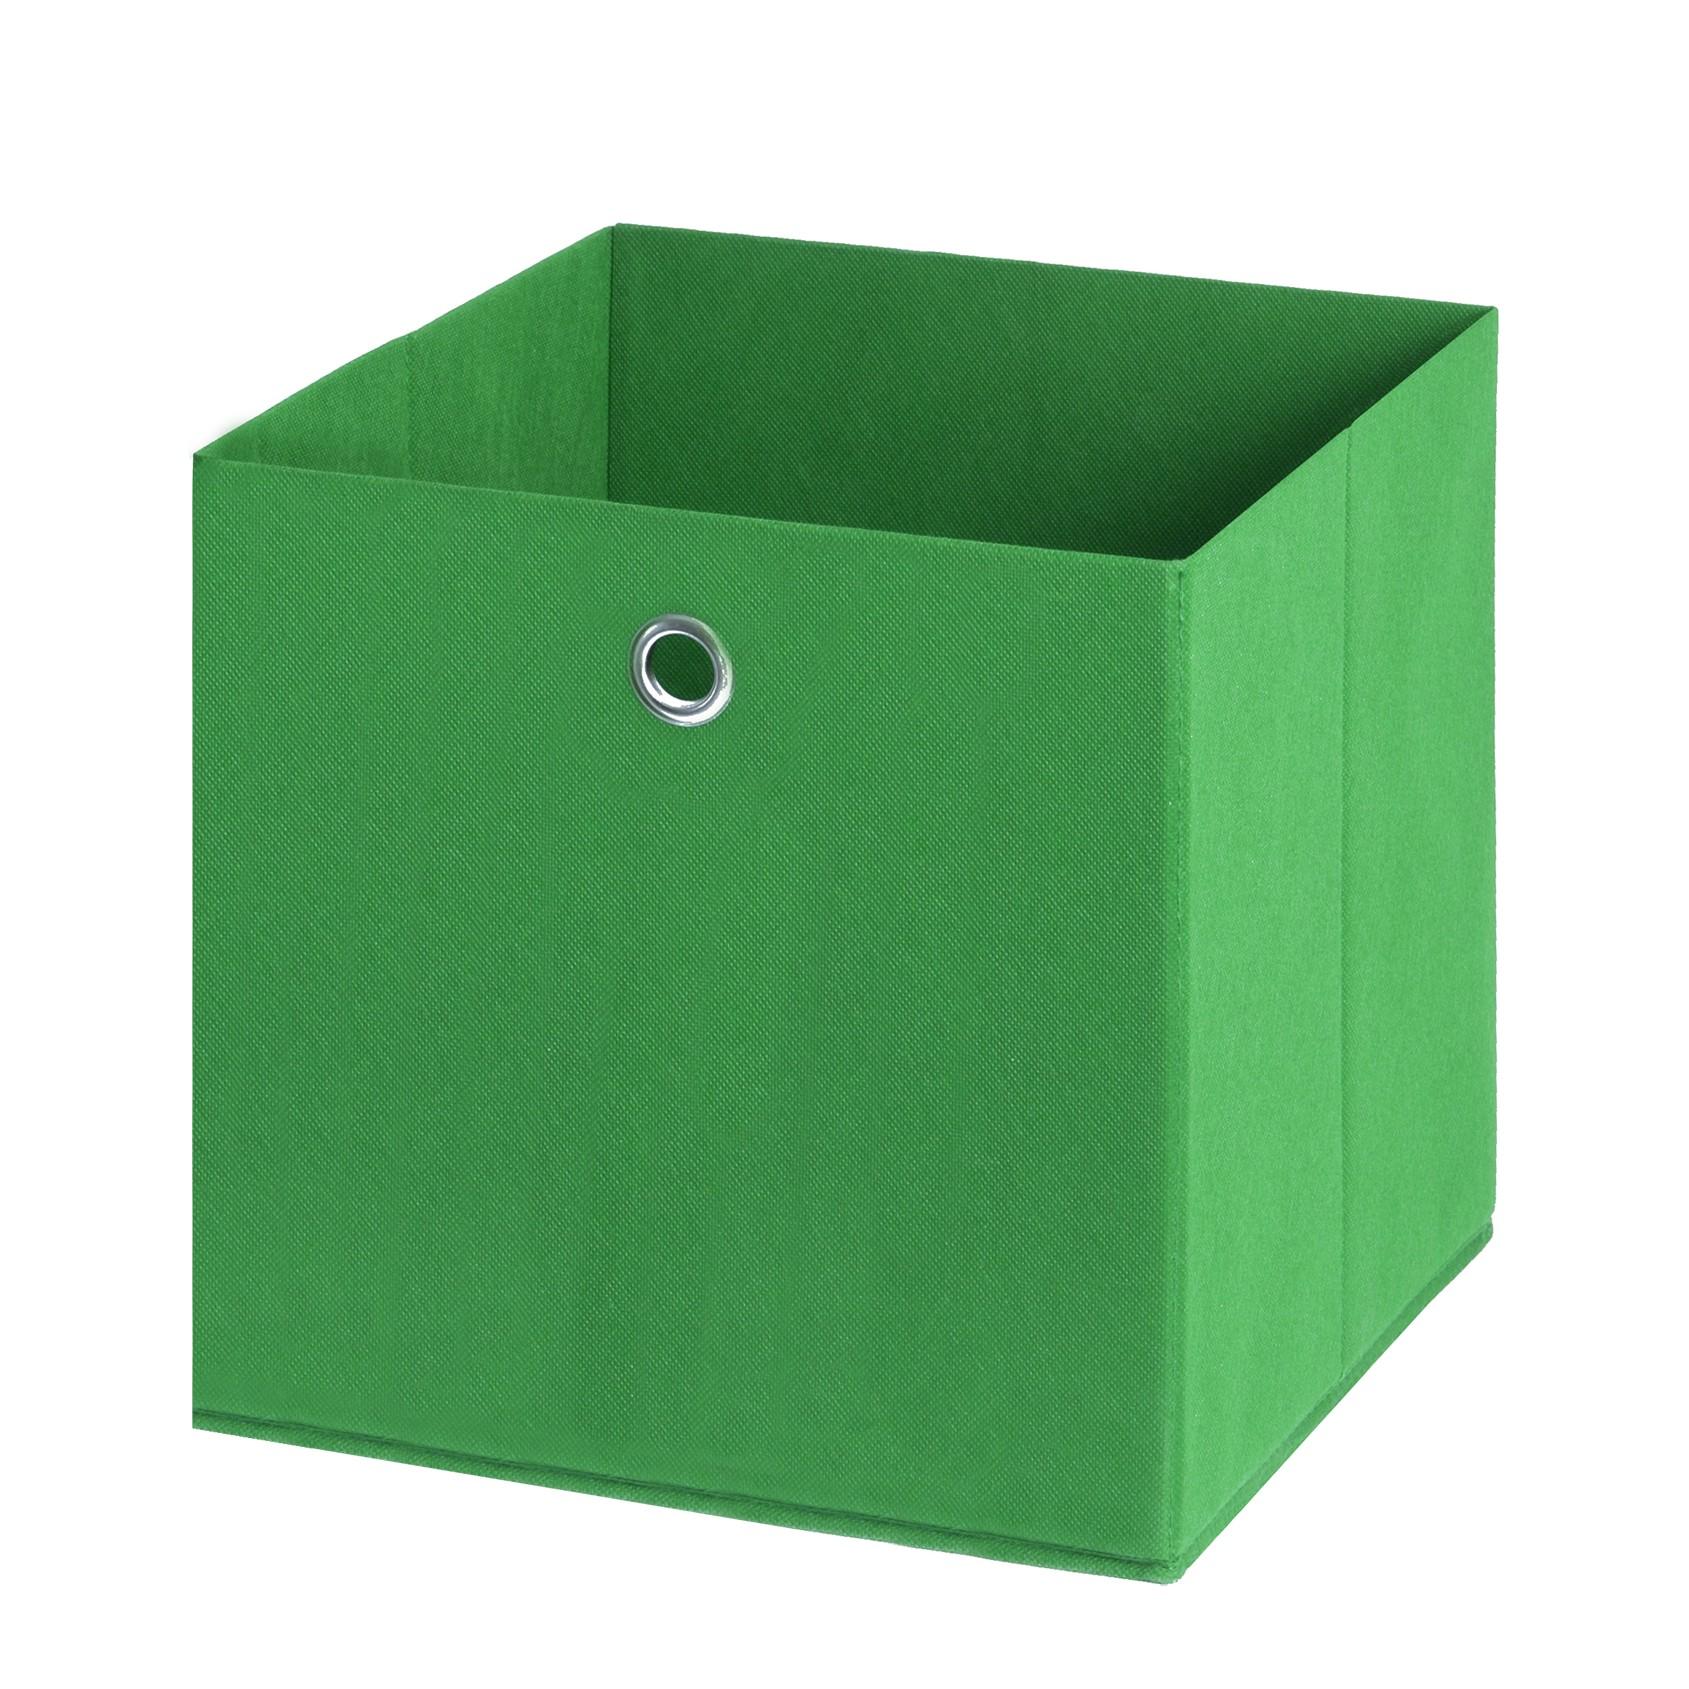 Opvouwbare boxen Uni (2-delige set) - Appelgroen, Schildmeyer